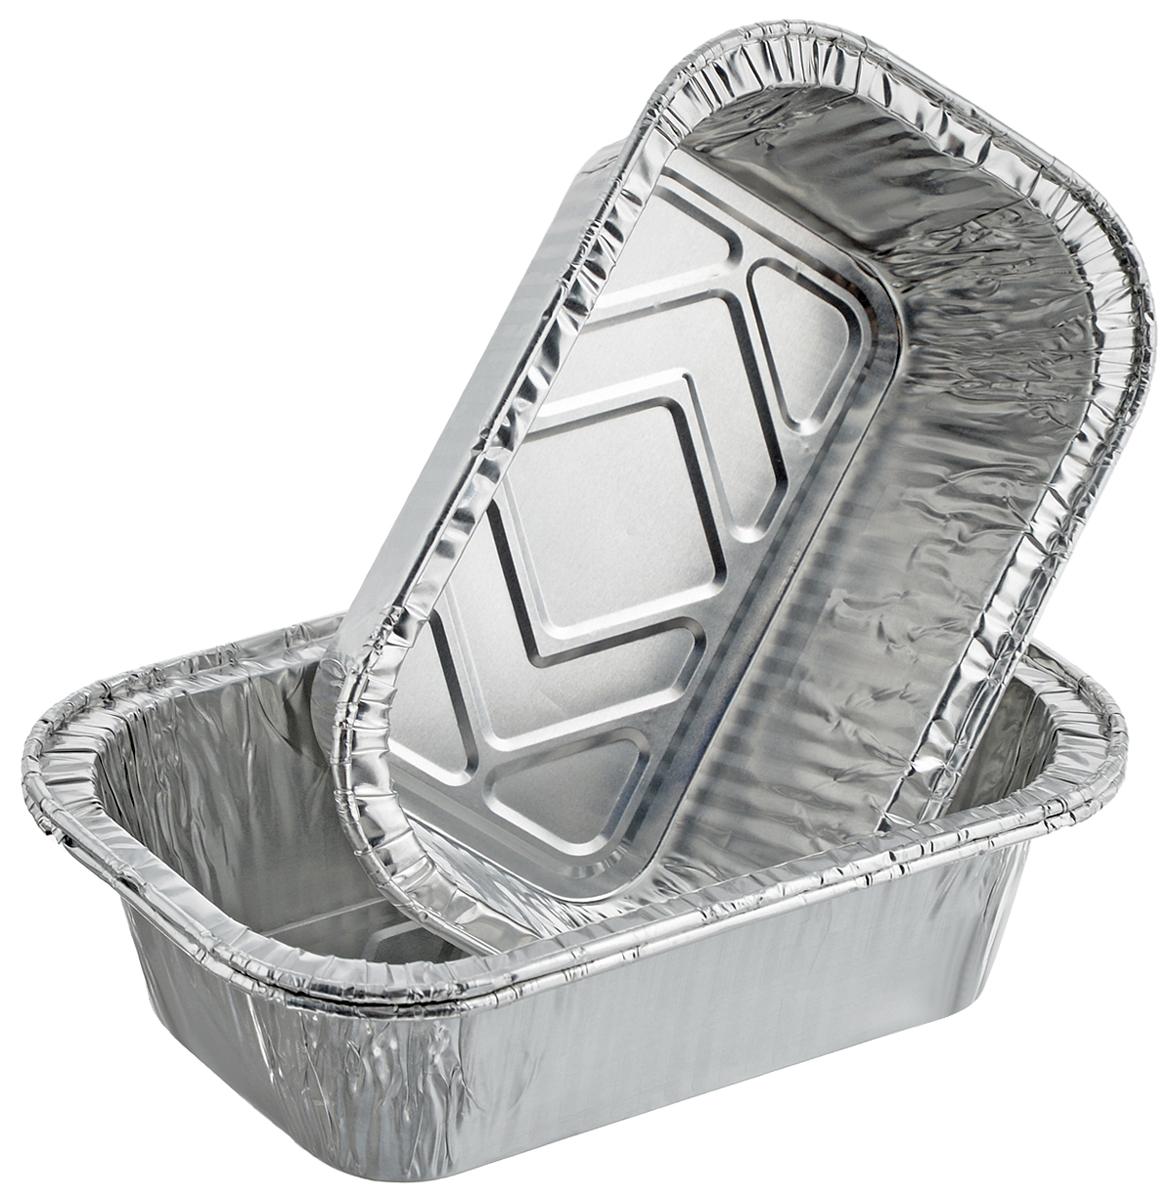 Набор форм для запекания Marmiton, 13,5 х 8,5 х 4 см, 3 шт11357Набор форм Marmiton, выполненный из алюминиевой фольги, идеально подходит для запекания, хранения и замораживания продуктов. Изделия обладают всеми свойствами обычной фольги для запекания: гигиеничные, легкие, прочные, теплопроводные.Использовать для запекания на гриле и в духовой печи (до +280°C), для замораживания (до -40°C).